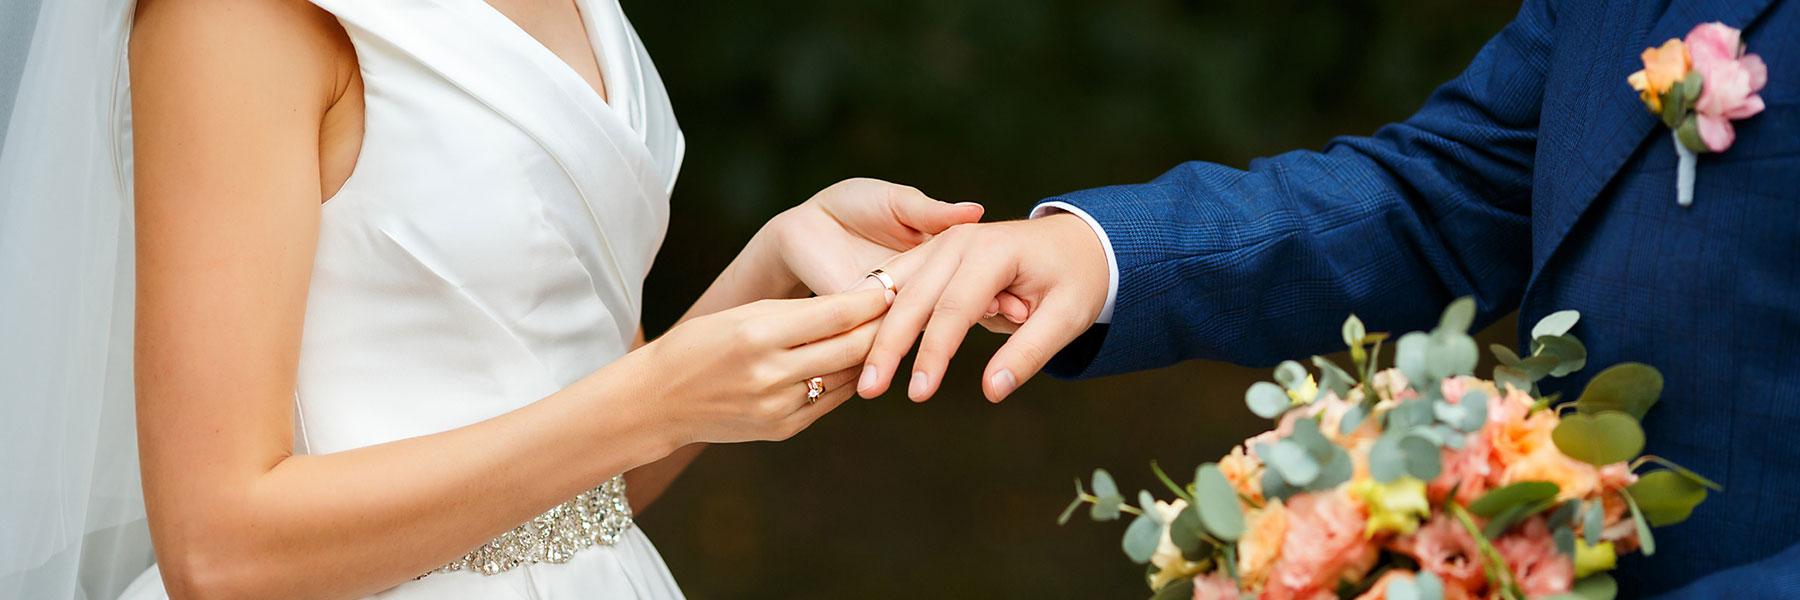 Weddings at Hillsboro Beach Resort